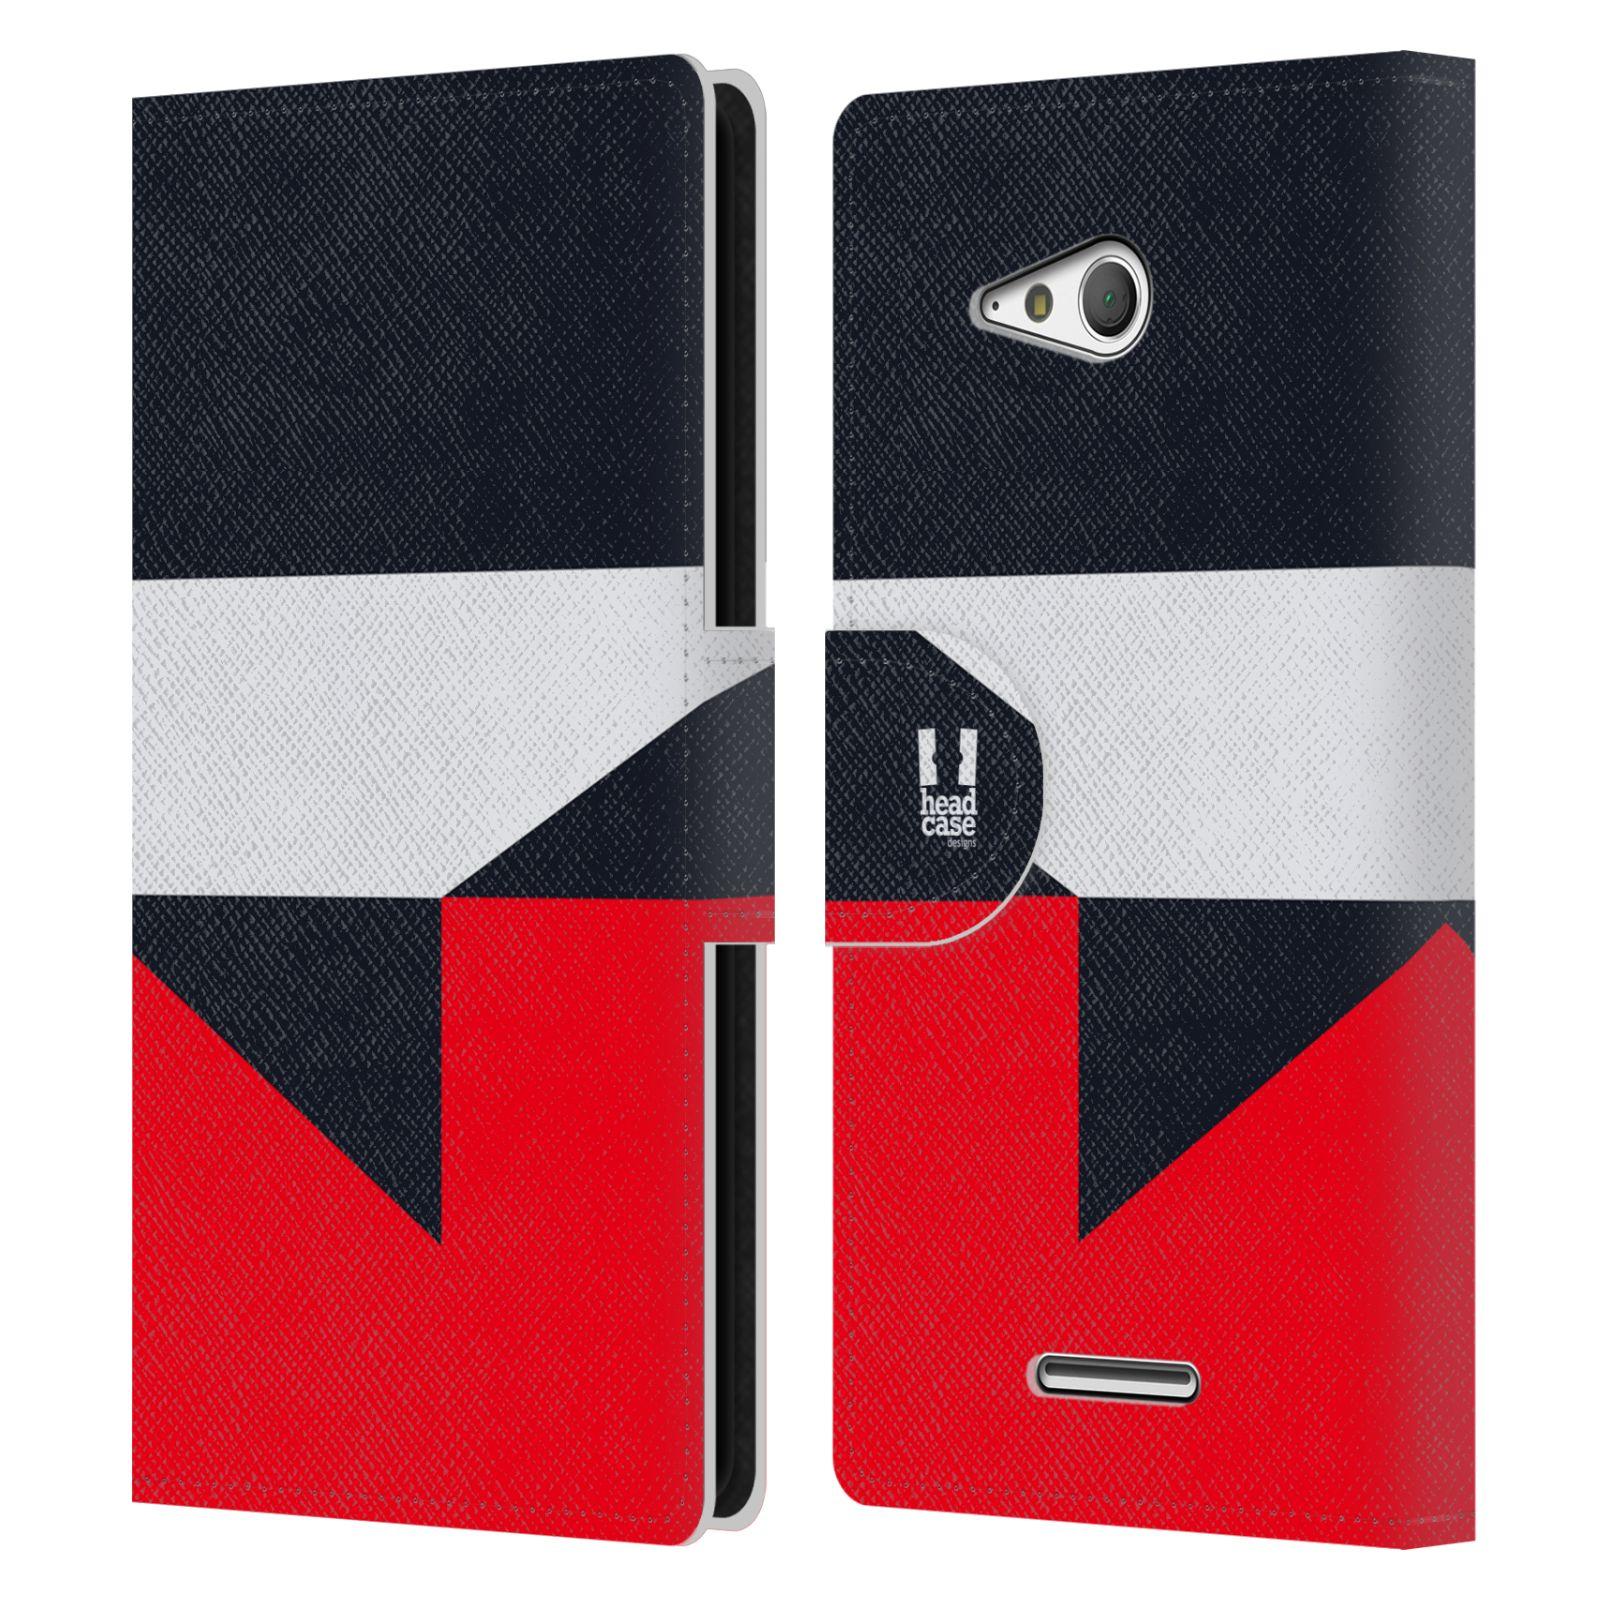 HEAD CASE Flipové pouzdro pro mobil SONY Xperia E4g barevné tvary černá a červená gejša